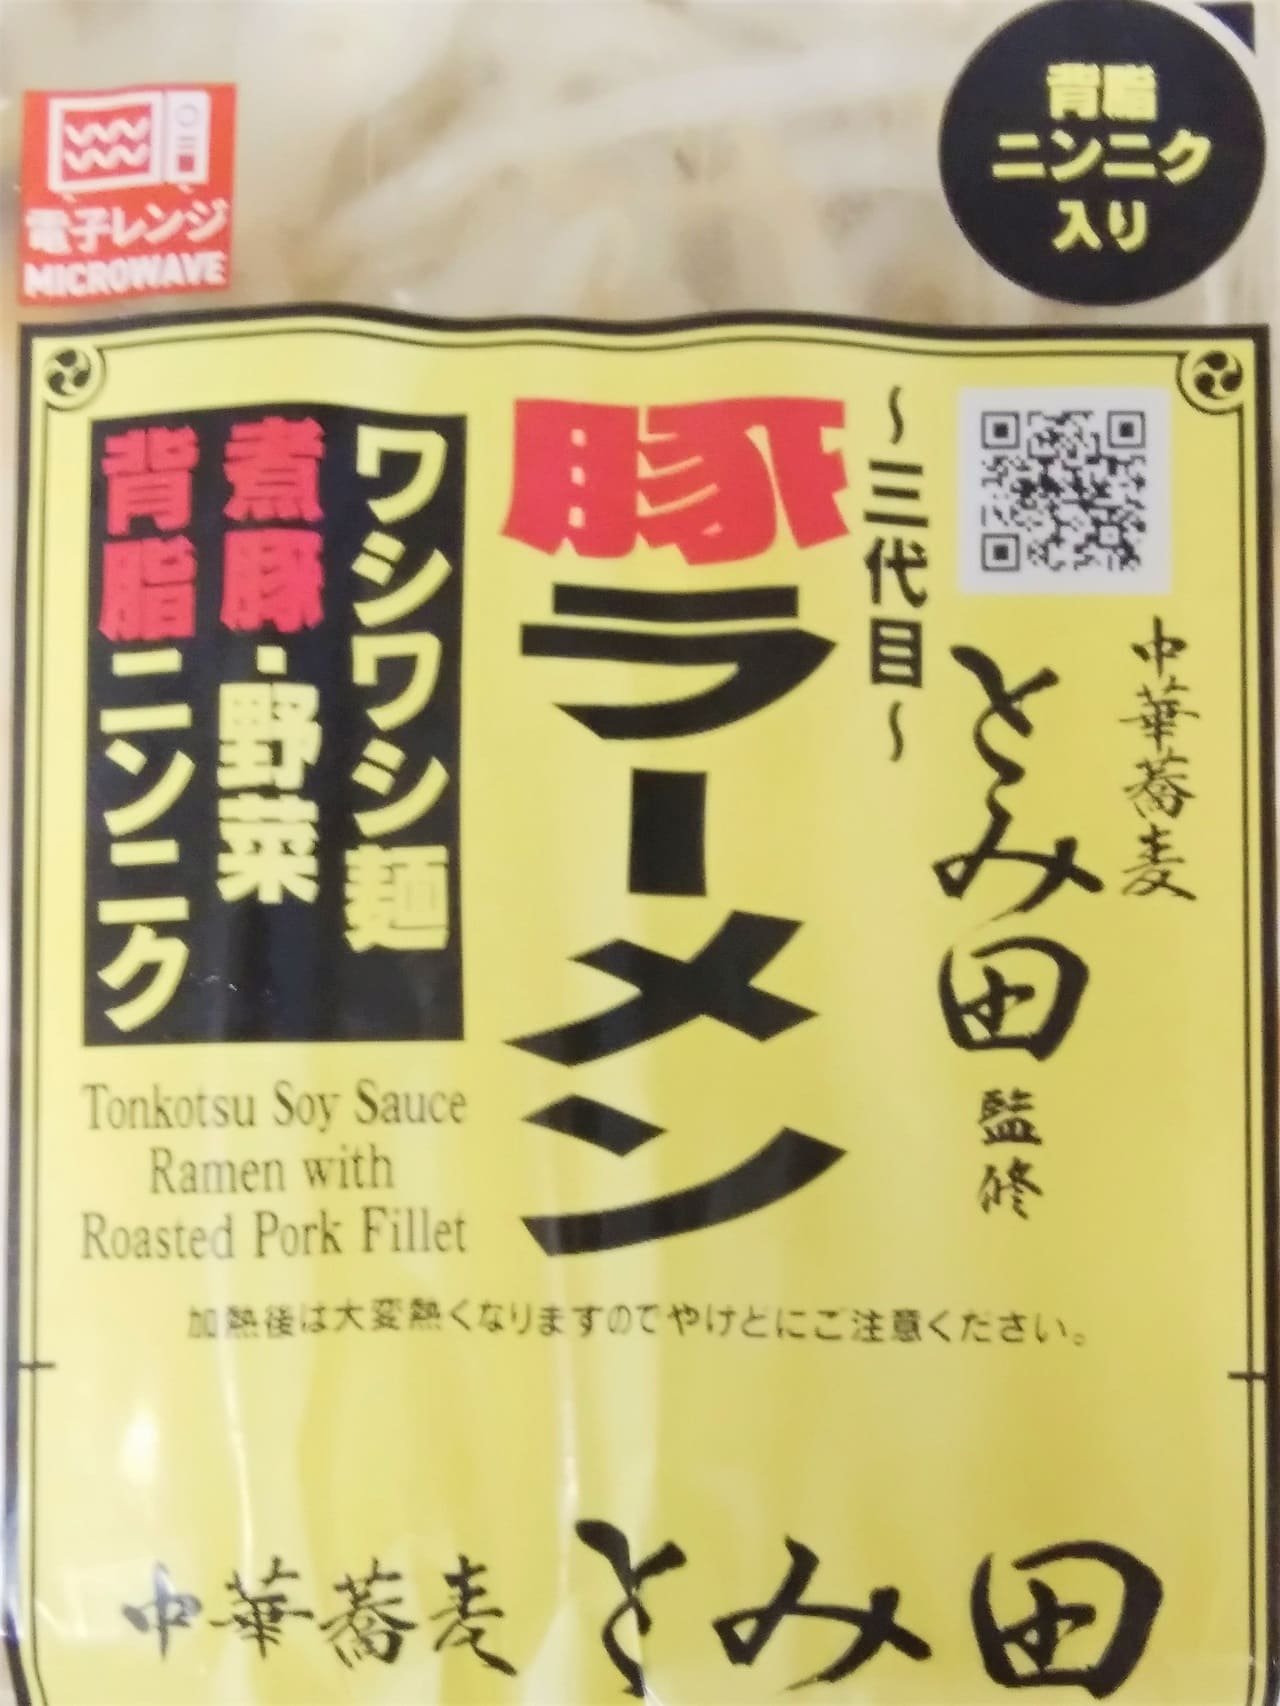 とみ田の三代目豚ラーメンパッケージ